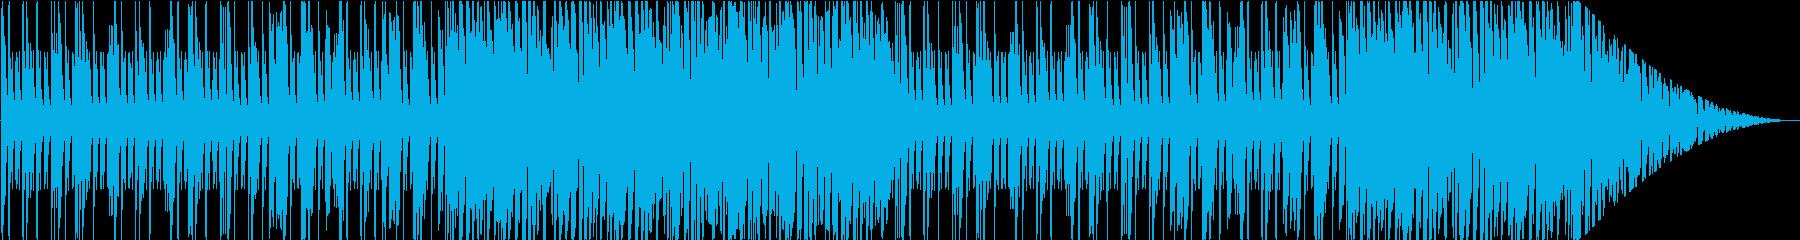 夜空/爽やか/ハウス_No435の再生済みの波形